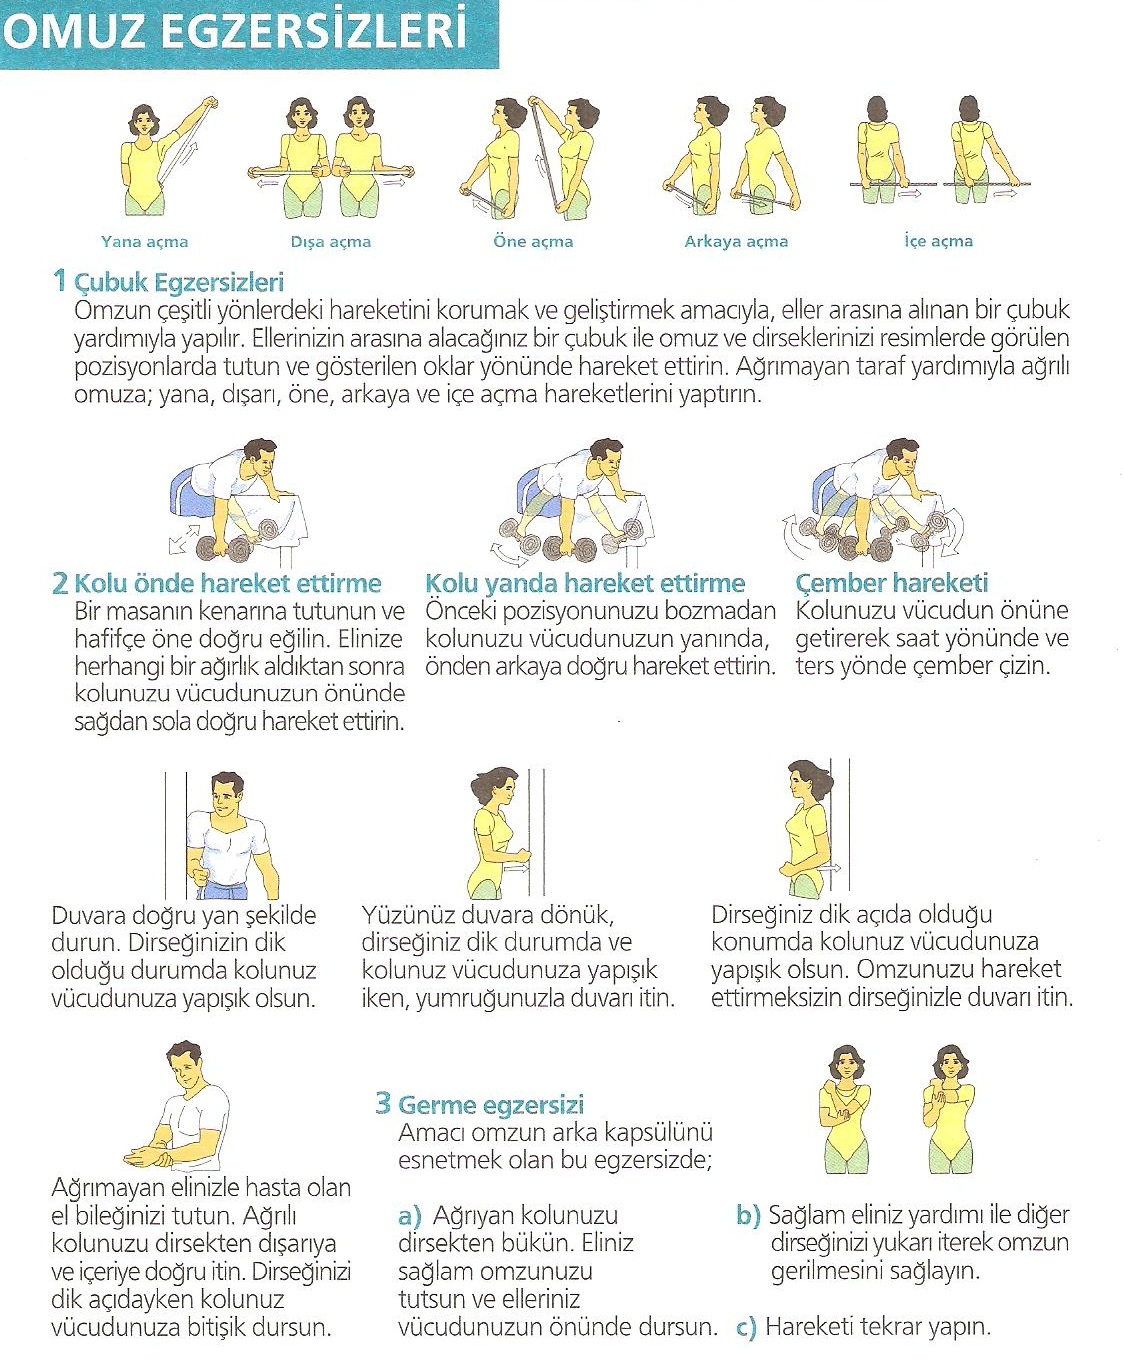 Egzersiz resimli ile Etiketlenen Konular 15